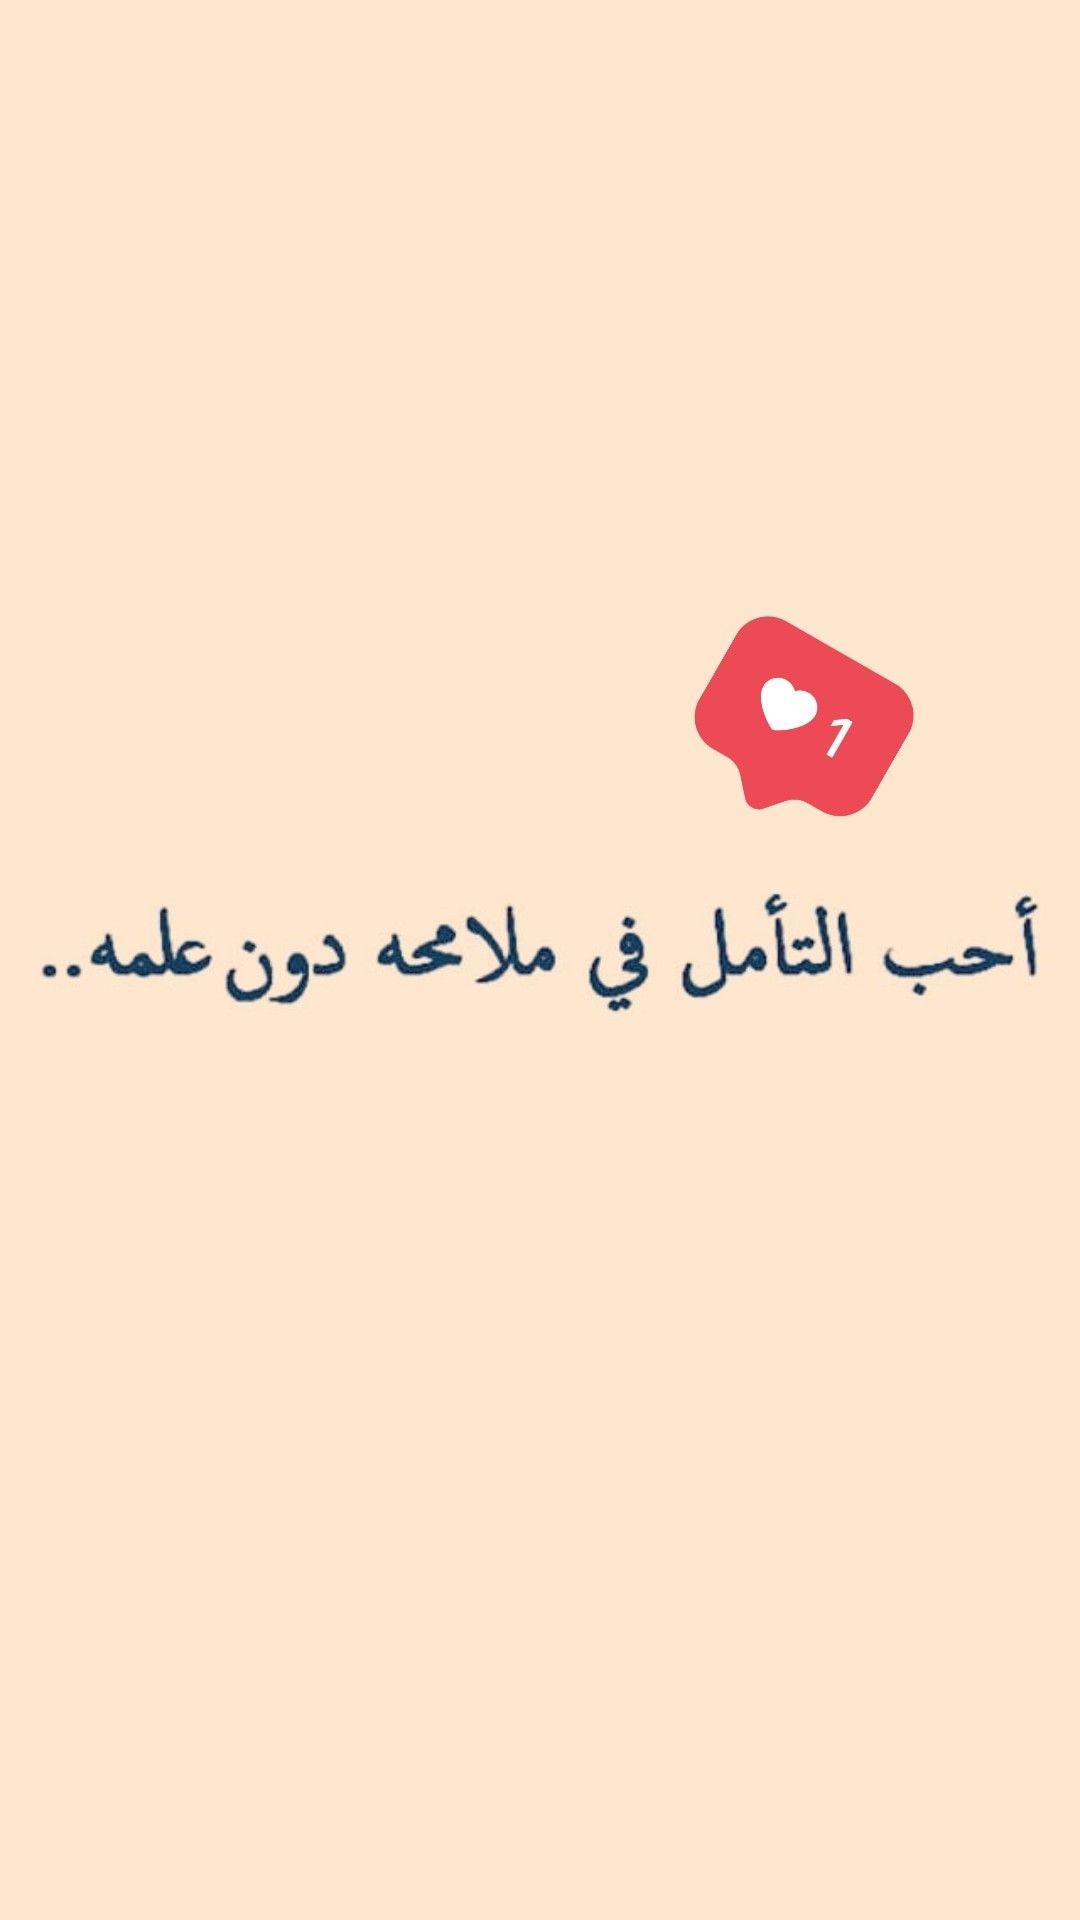 كثييرا Funny Arabic Quotes Romantic Quotes Photo Quotes